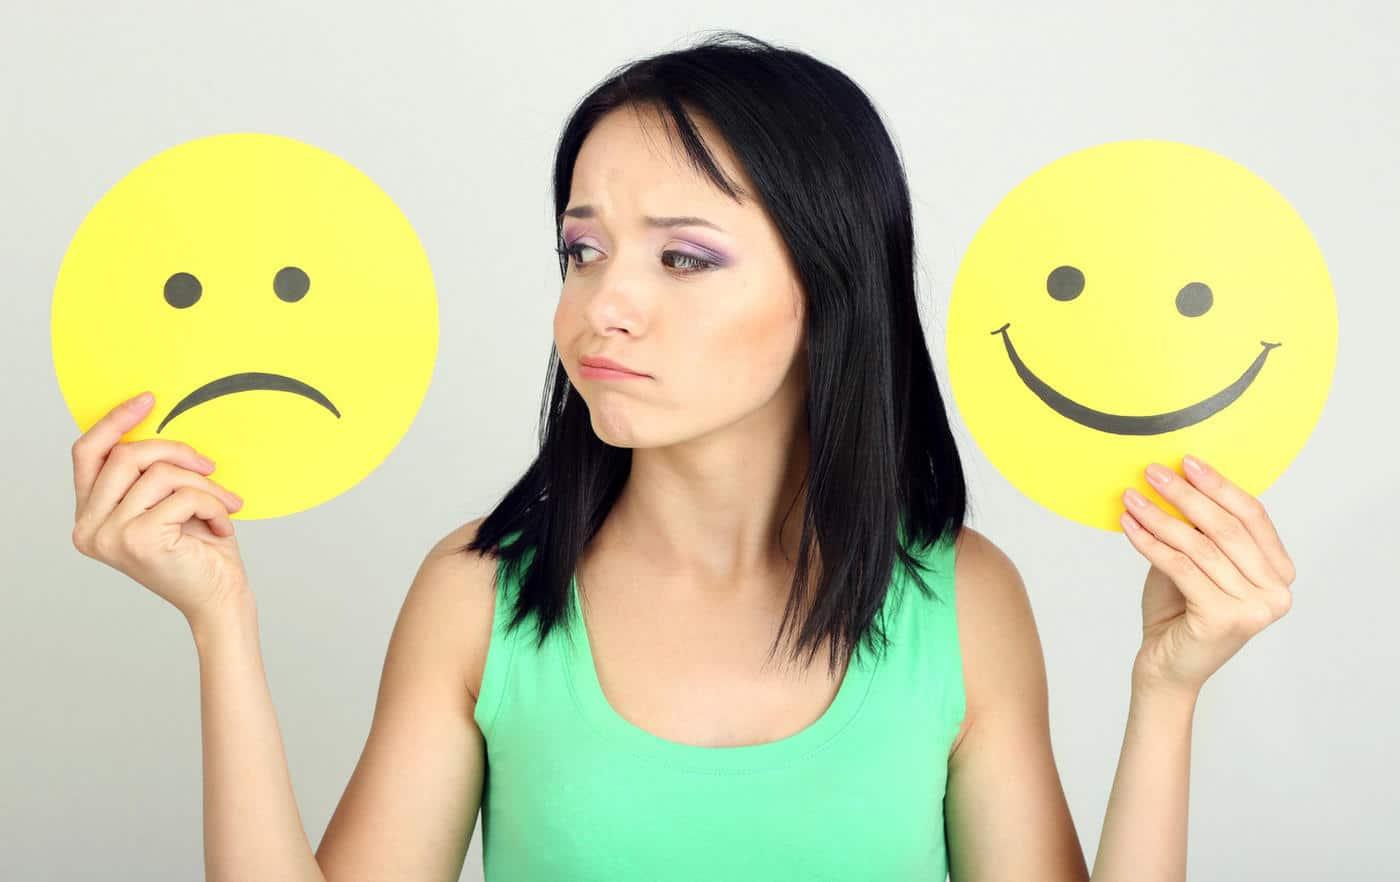 картинки с настроениями психология все знают что